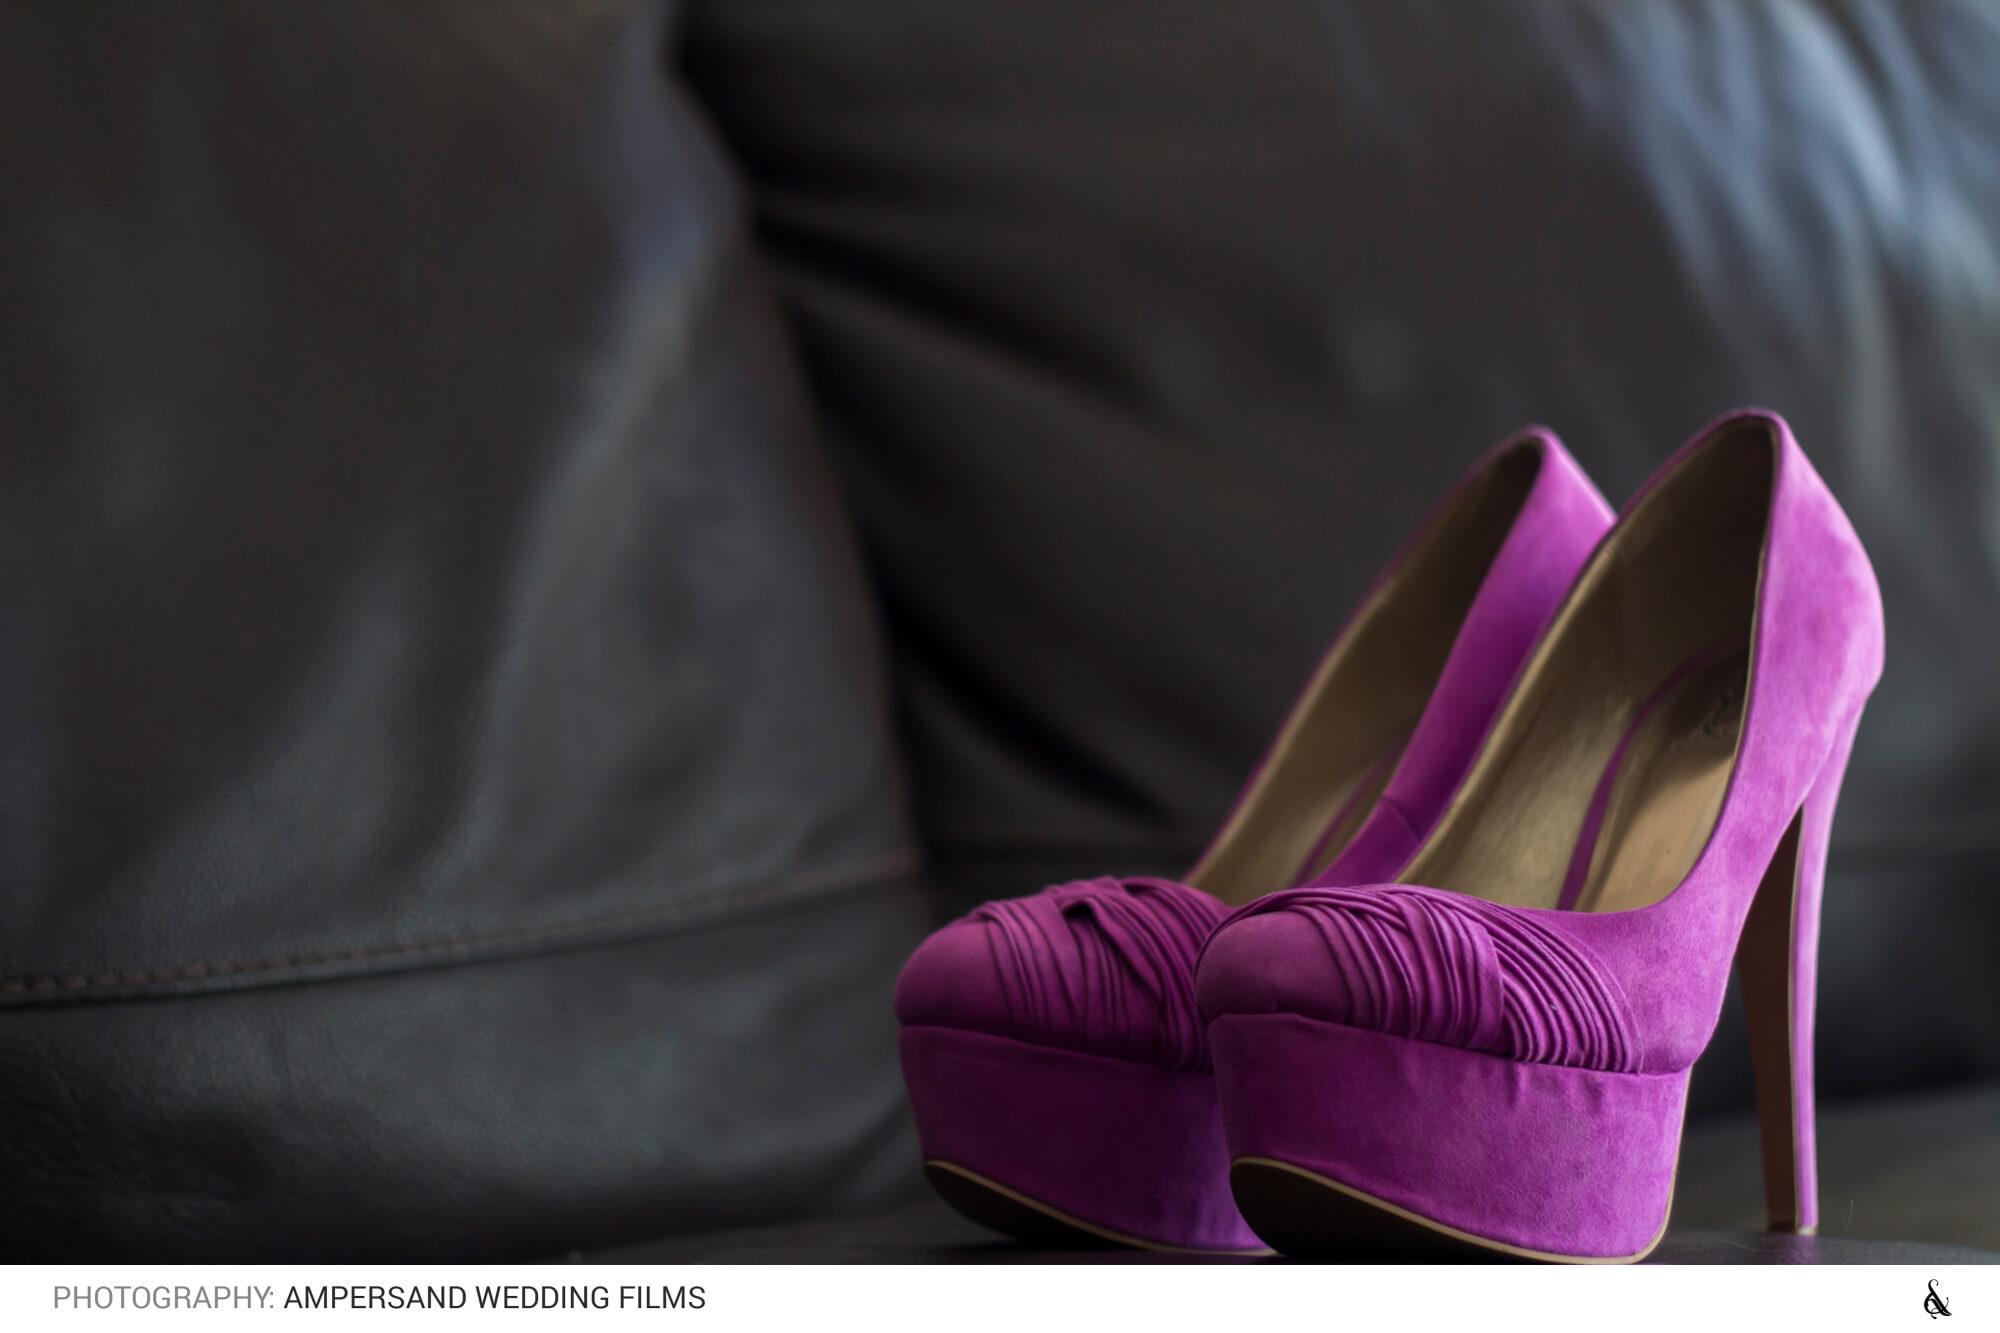 Zapatos de novia - Matrimonio Pía & Juan Pablo en Campus Oriente